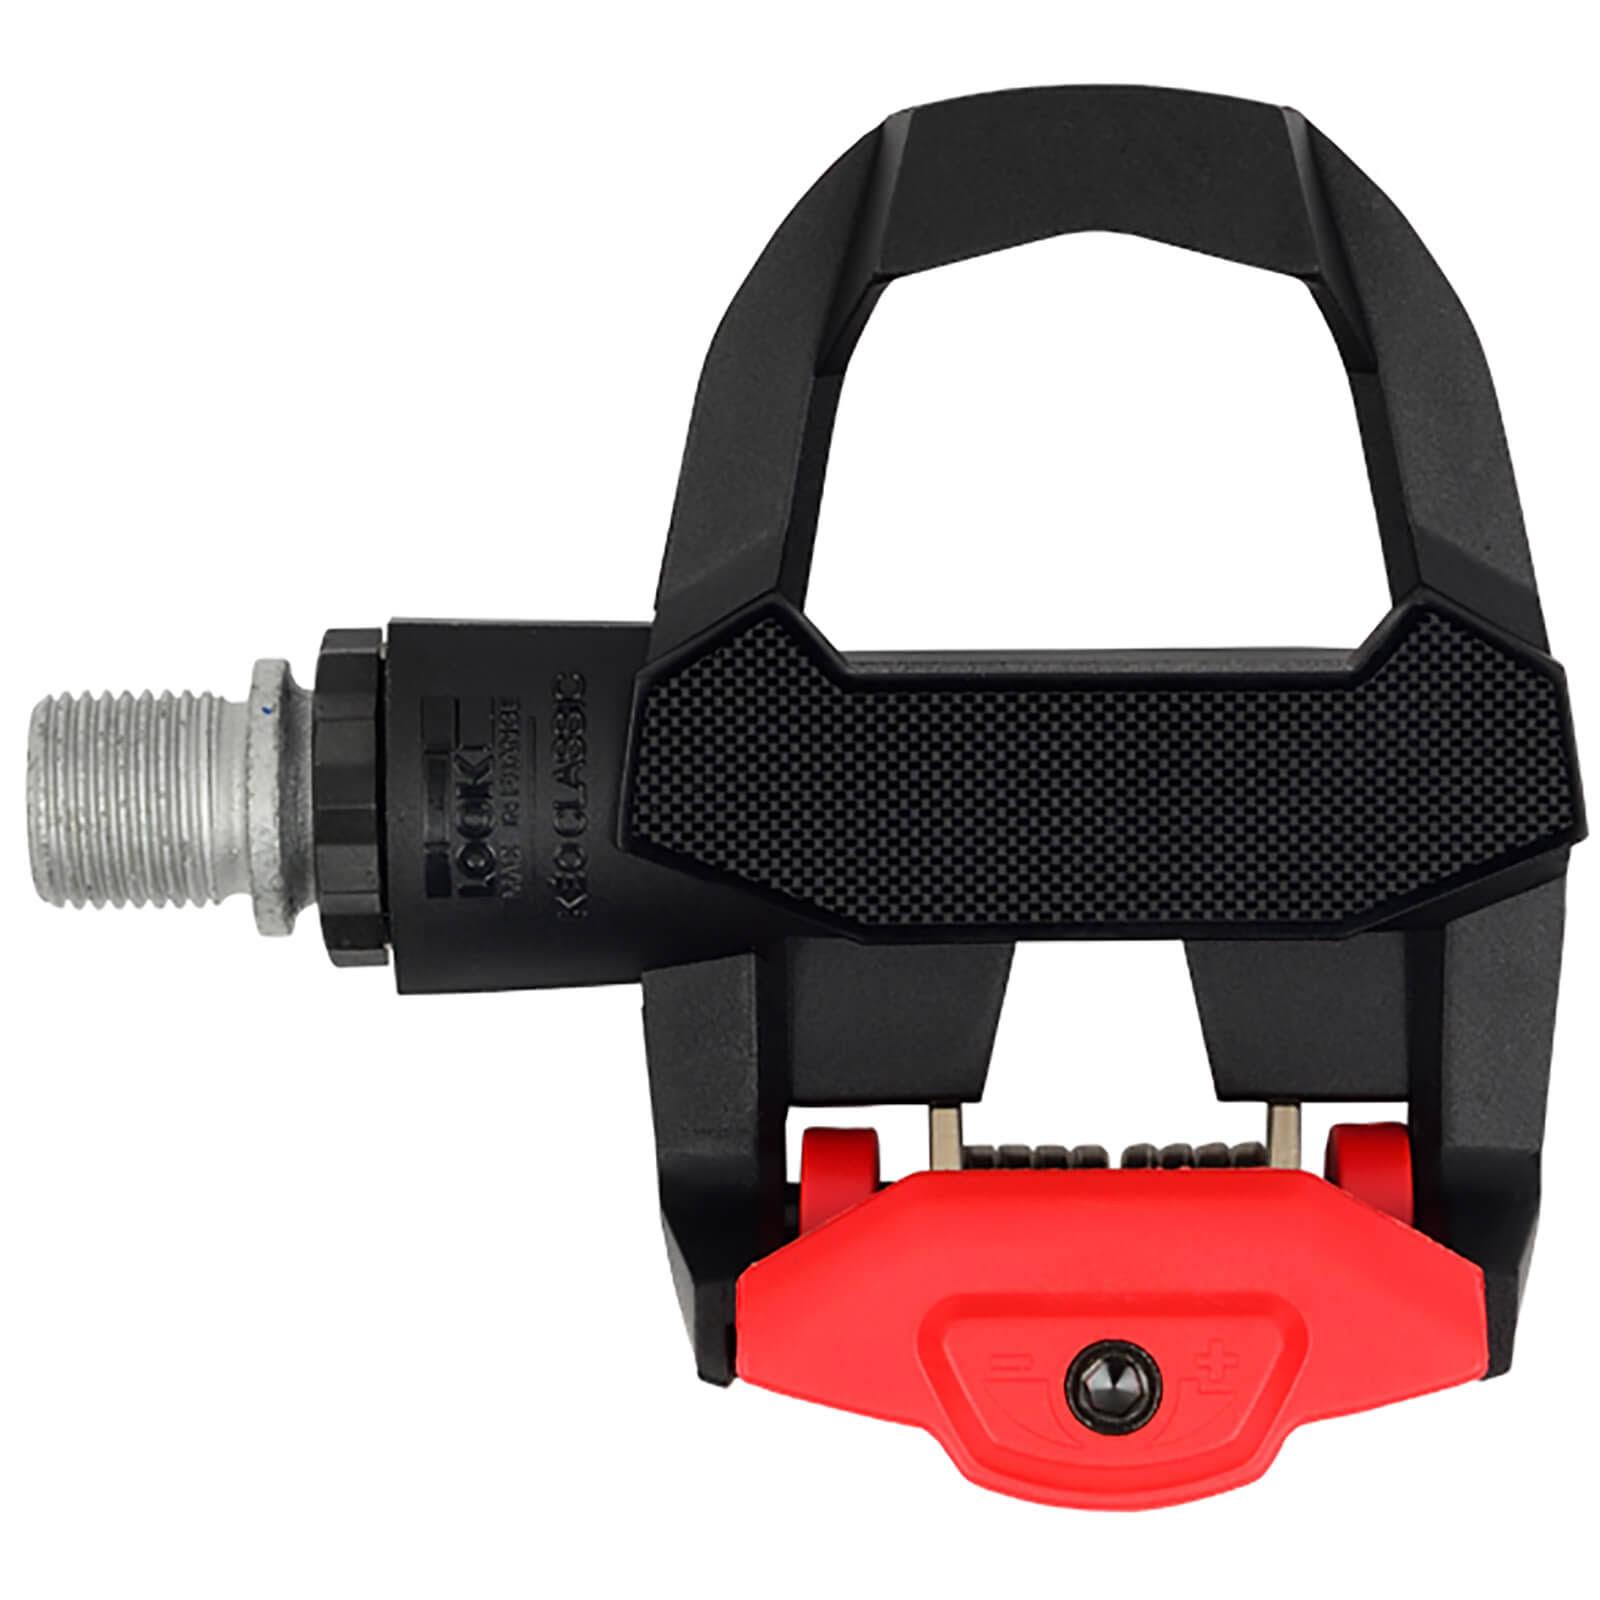 Pedal Look Kéo Classic 3 na cor preto e vermelho